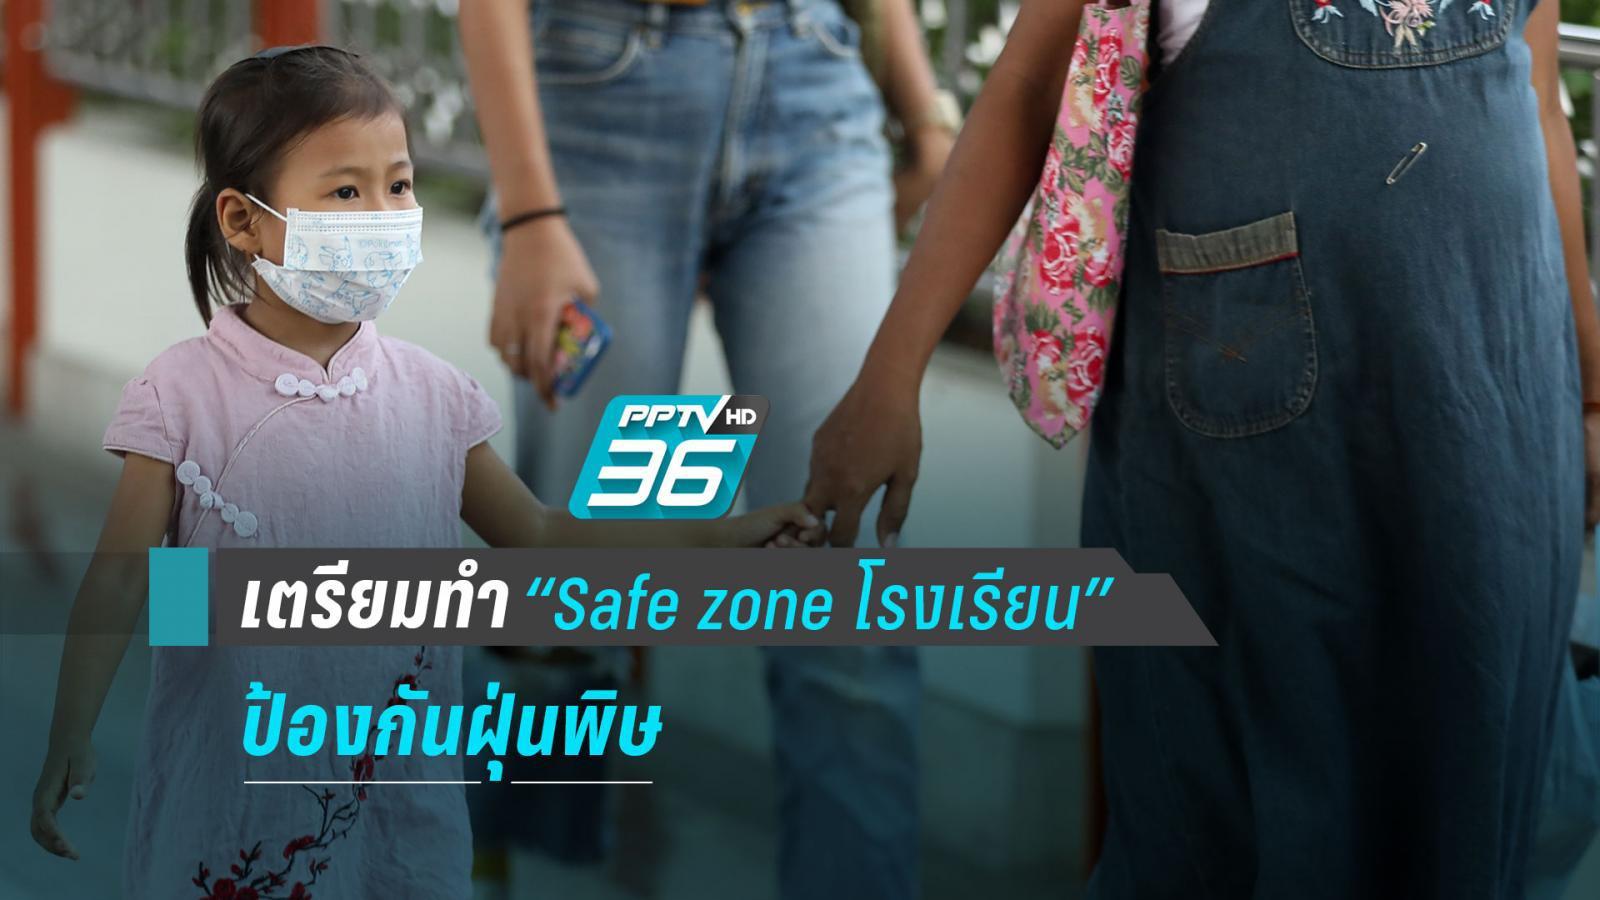 """เปิดตัว """"เครื่องกรองอากาศฝีมือนักเรียนอาชีวะ""""  3 รูปแบบ ป้องกัน PM 2.5 ในโรงเรียน"""